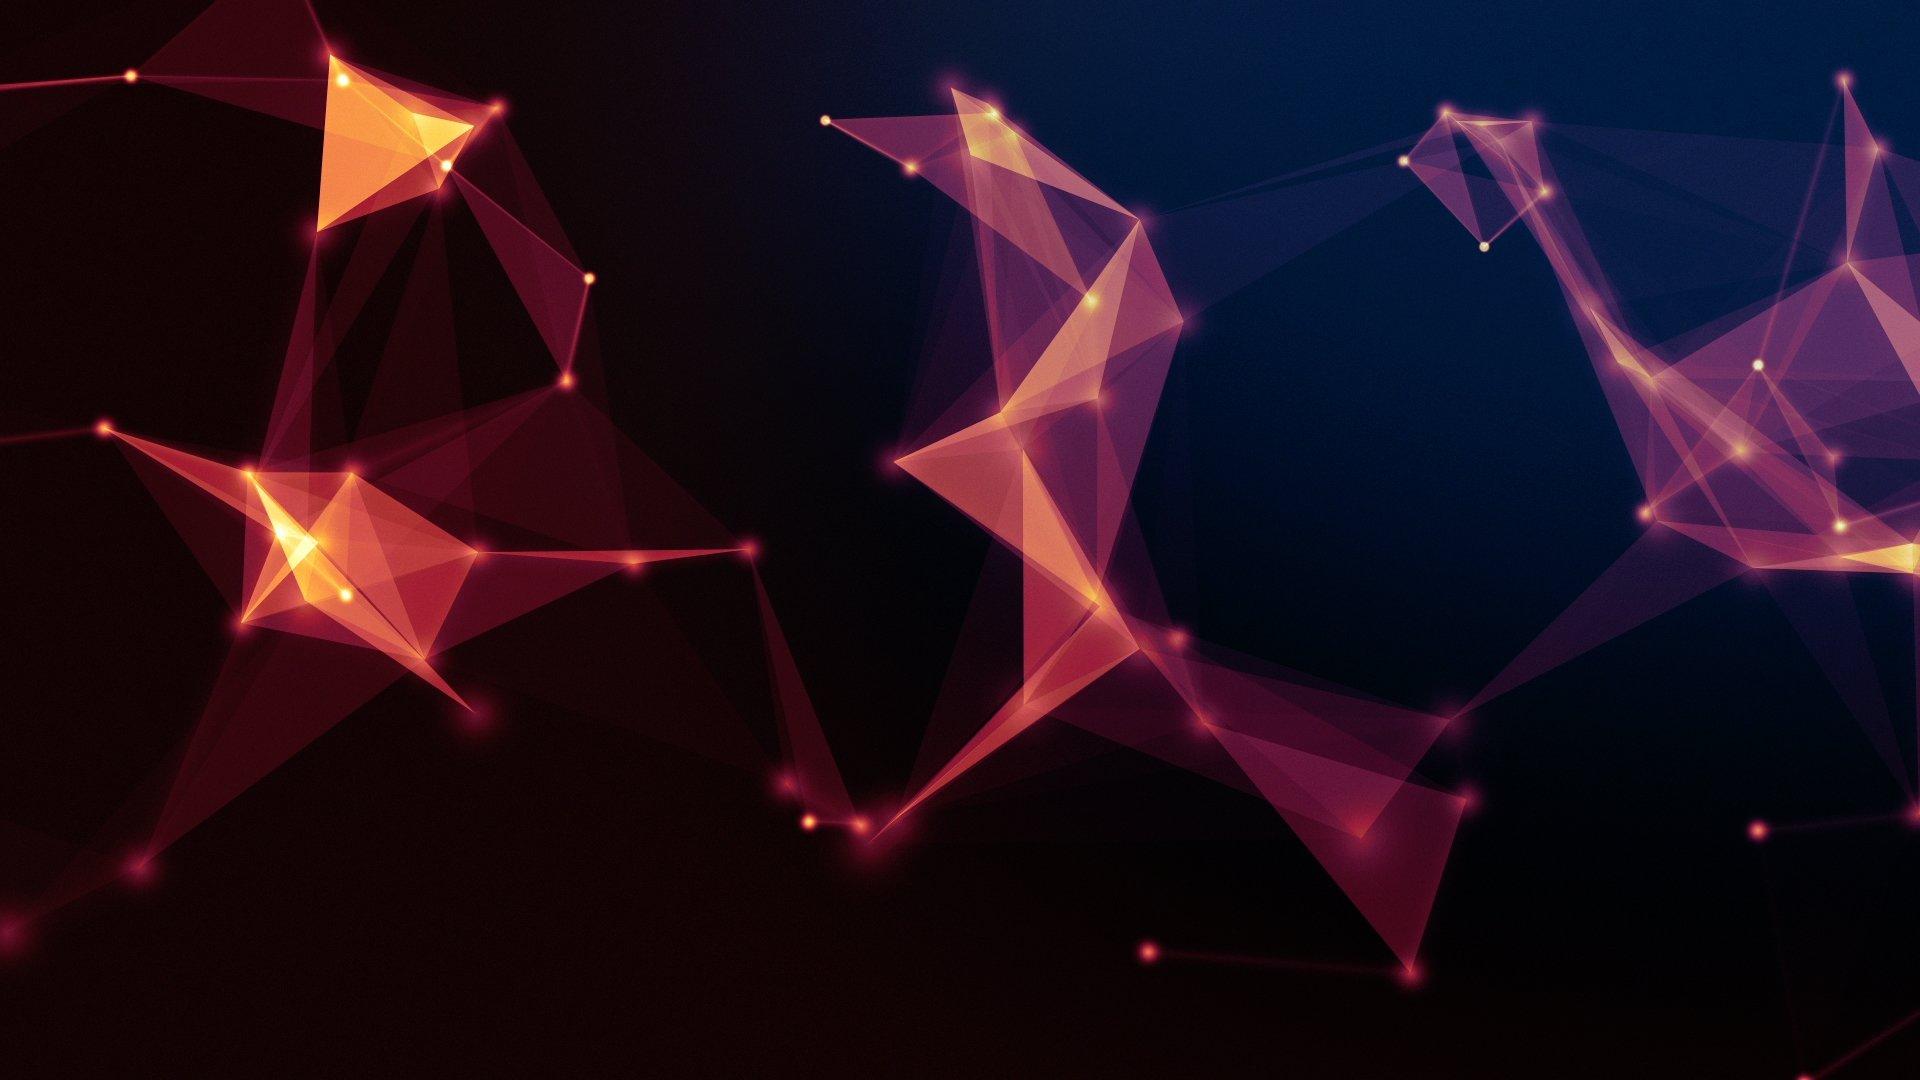 Plexus Image Free